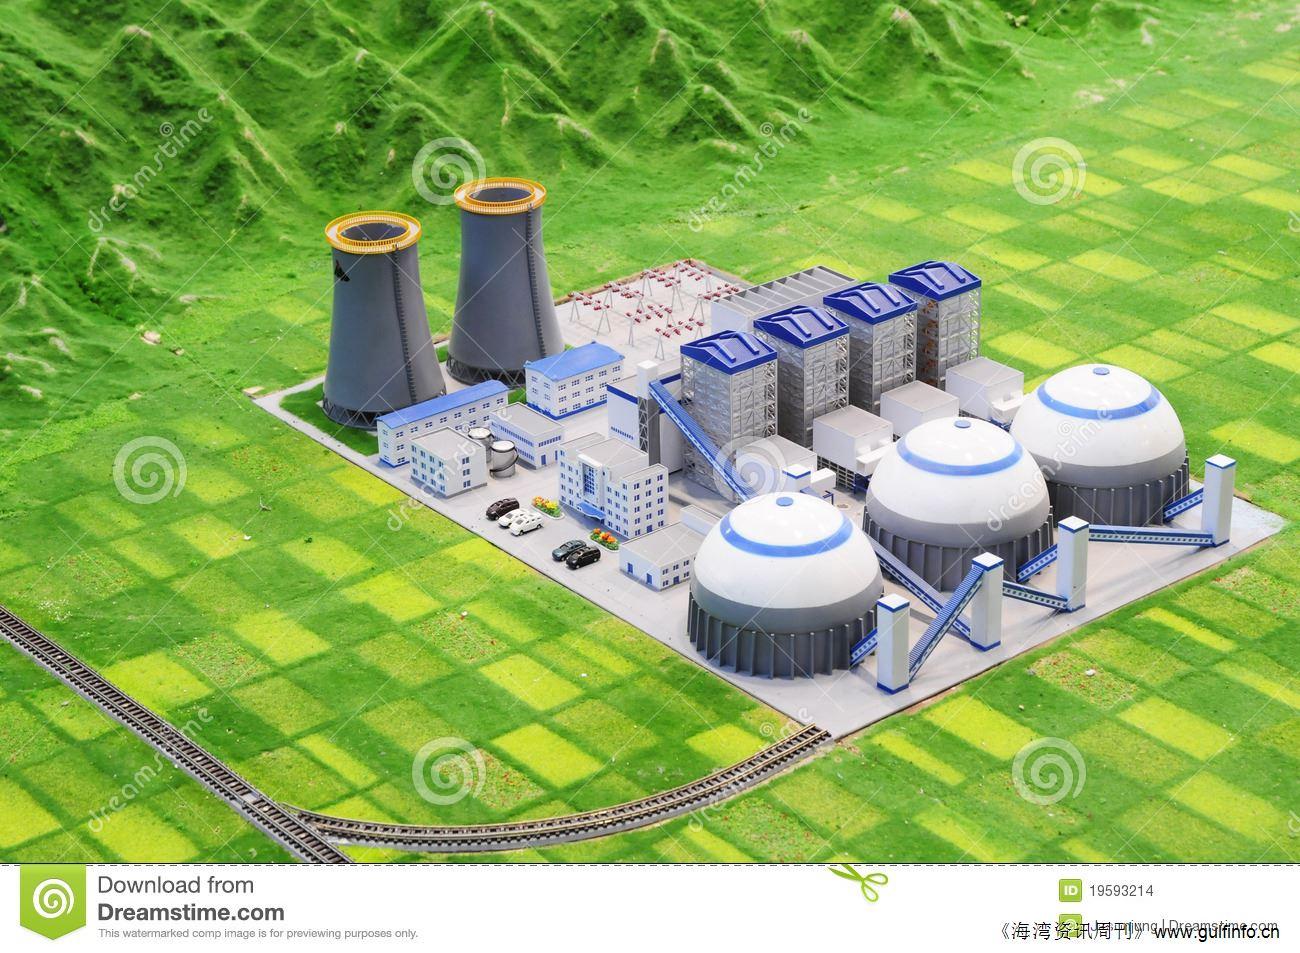 迪拜水电局(DEWA)向某国际知名咨询公司授予Hassyan 清洁煤电厂一期项目的合同